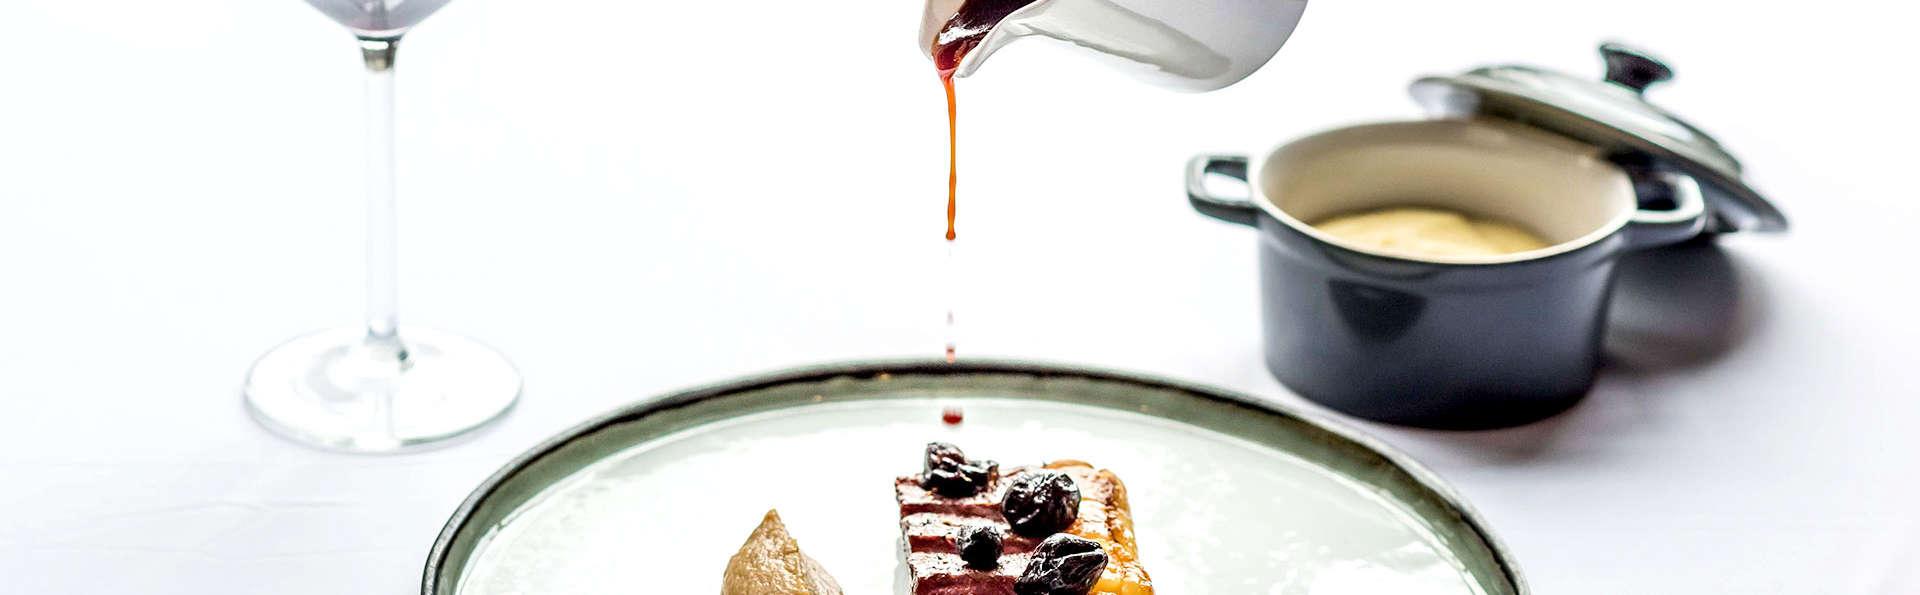 Des délices culinaires au cœur du Veluwe